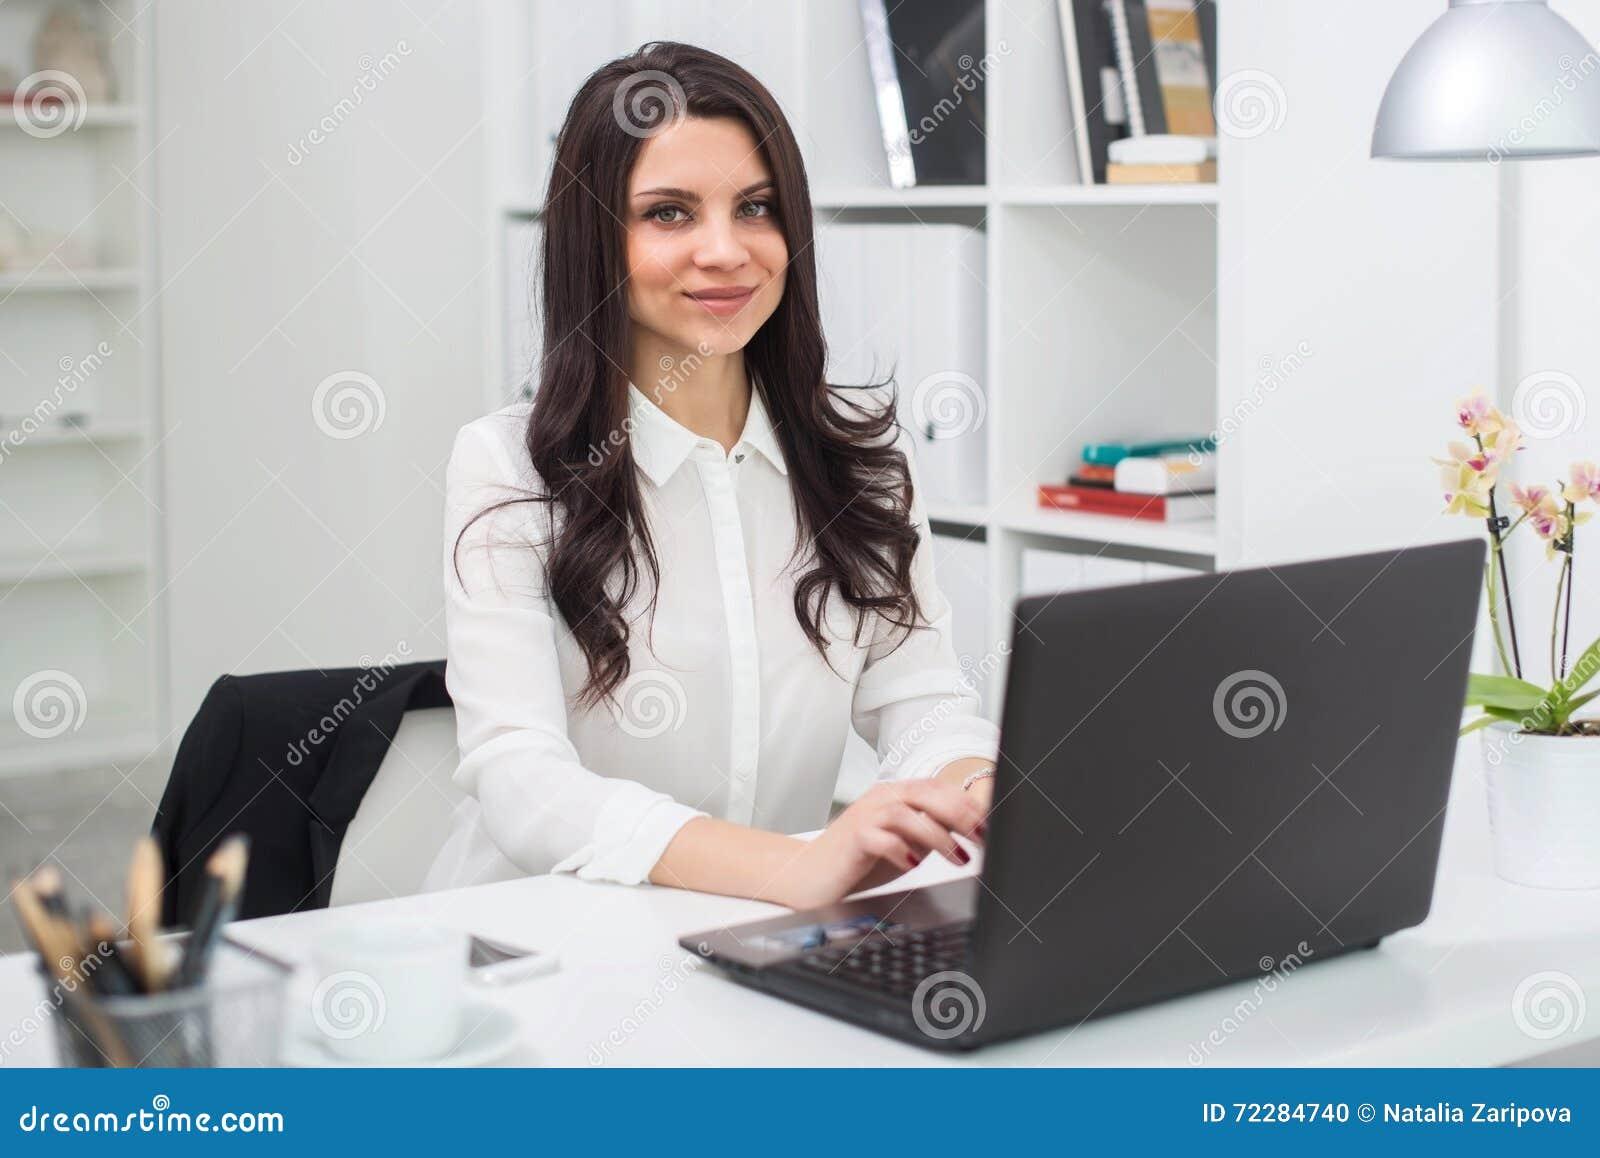 Download Бизнес-леди с тетрадью в офисе, рабочем месте Стоковое Фото - изображение насчитывающей компания, многодельно: 72284740